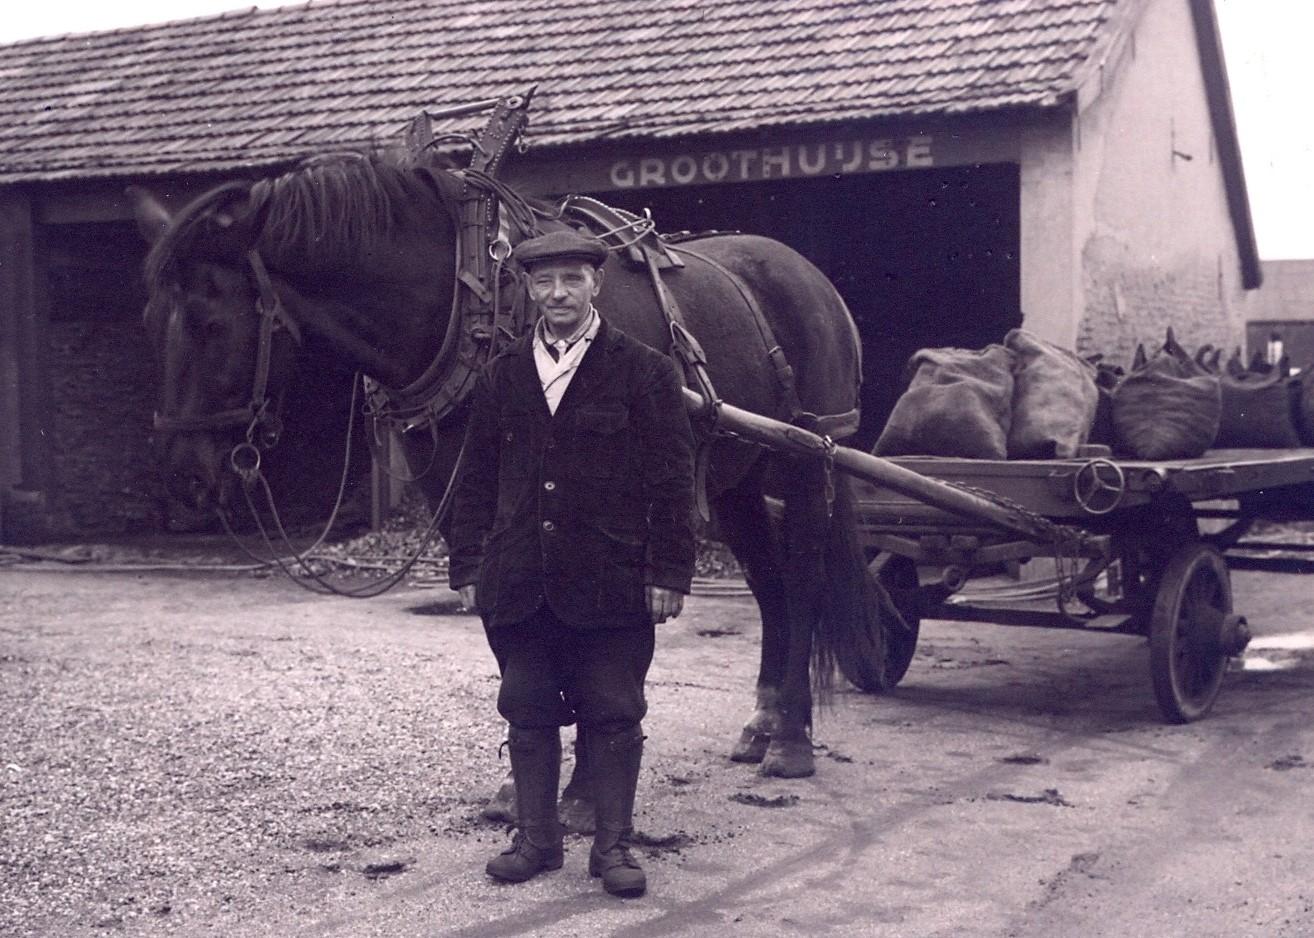 Dit-is-zijn-de-oudste-fotos-van-de-firma-die-ik-heb--Theo-Groothuijse-archief.-1